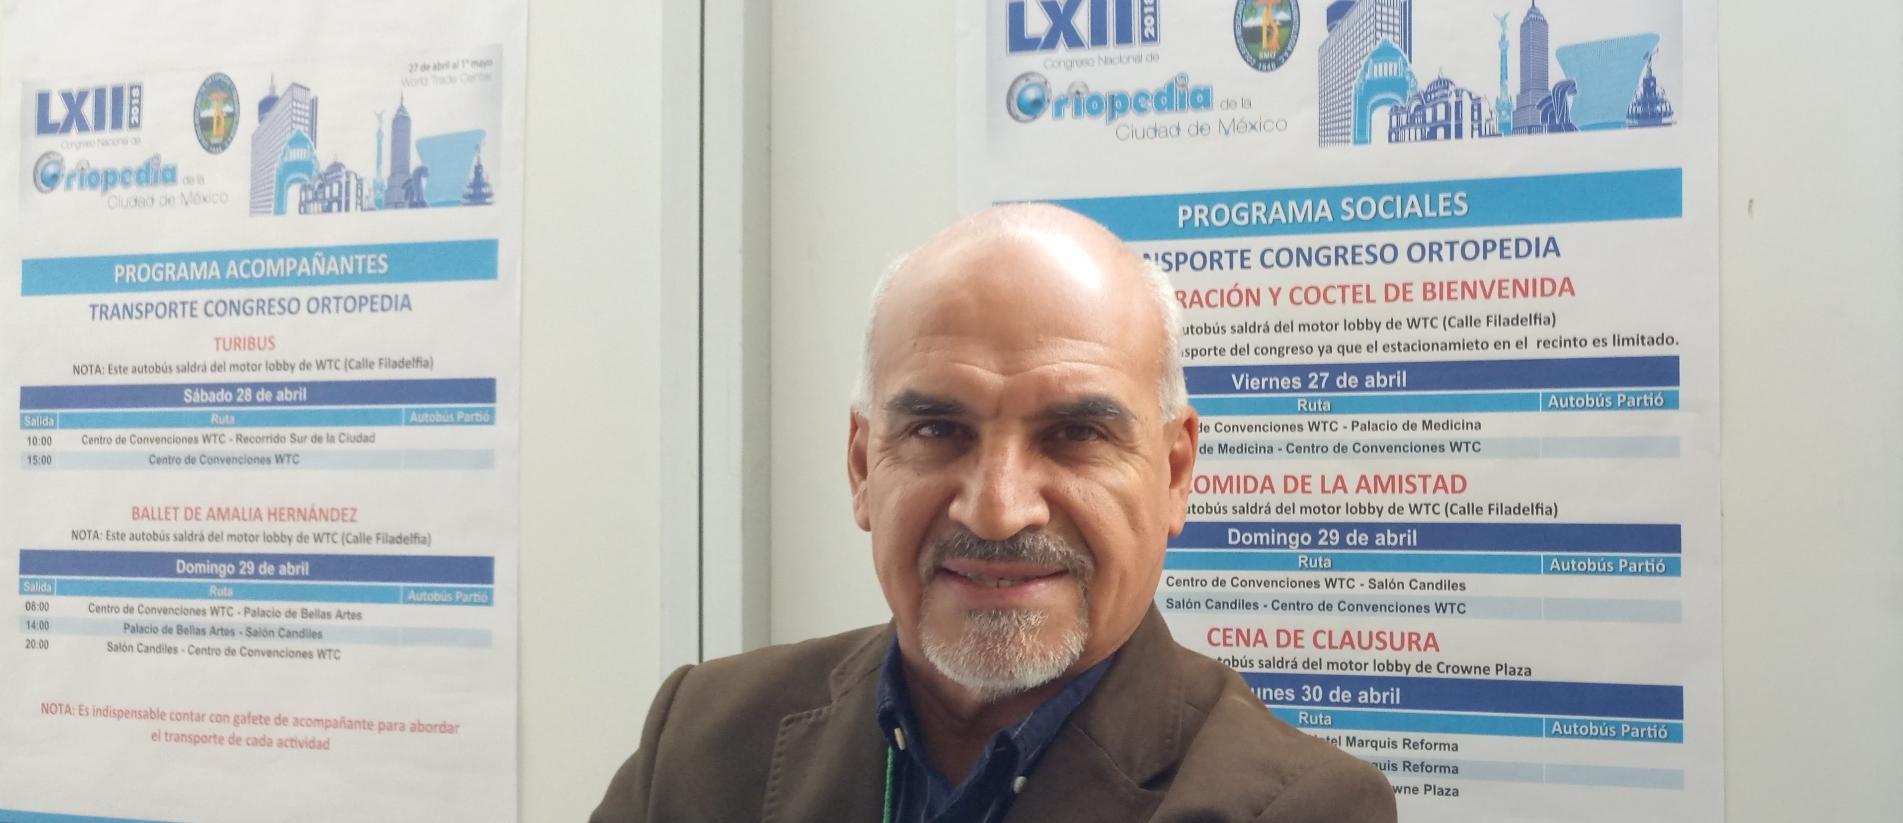 Dr Francisco Javier Pérez Jiménez